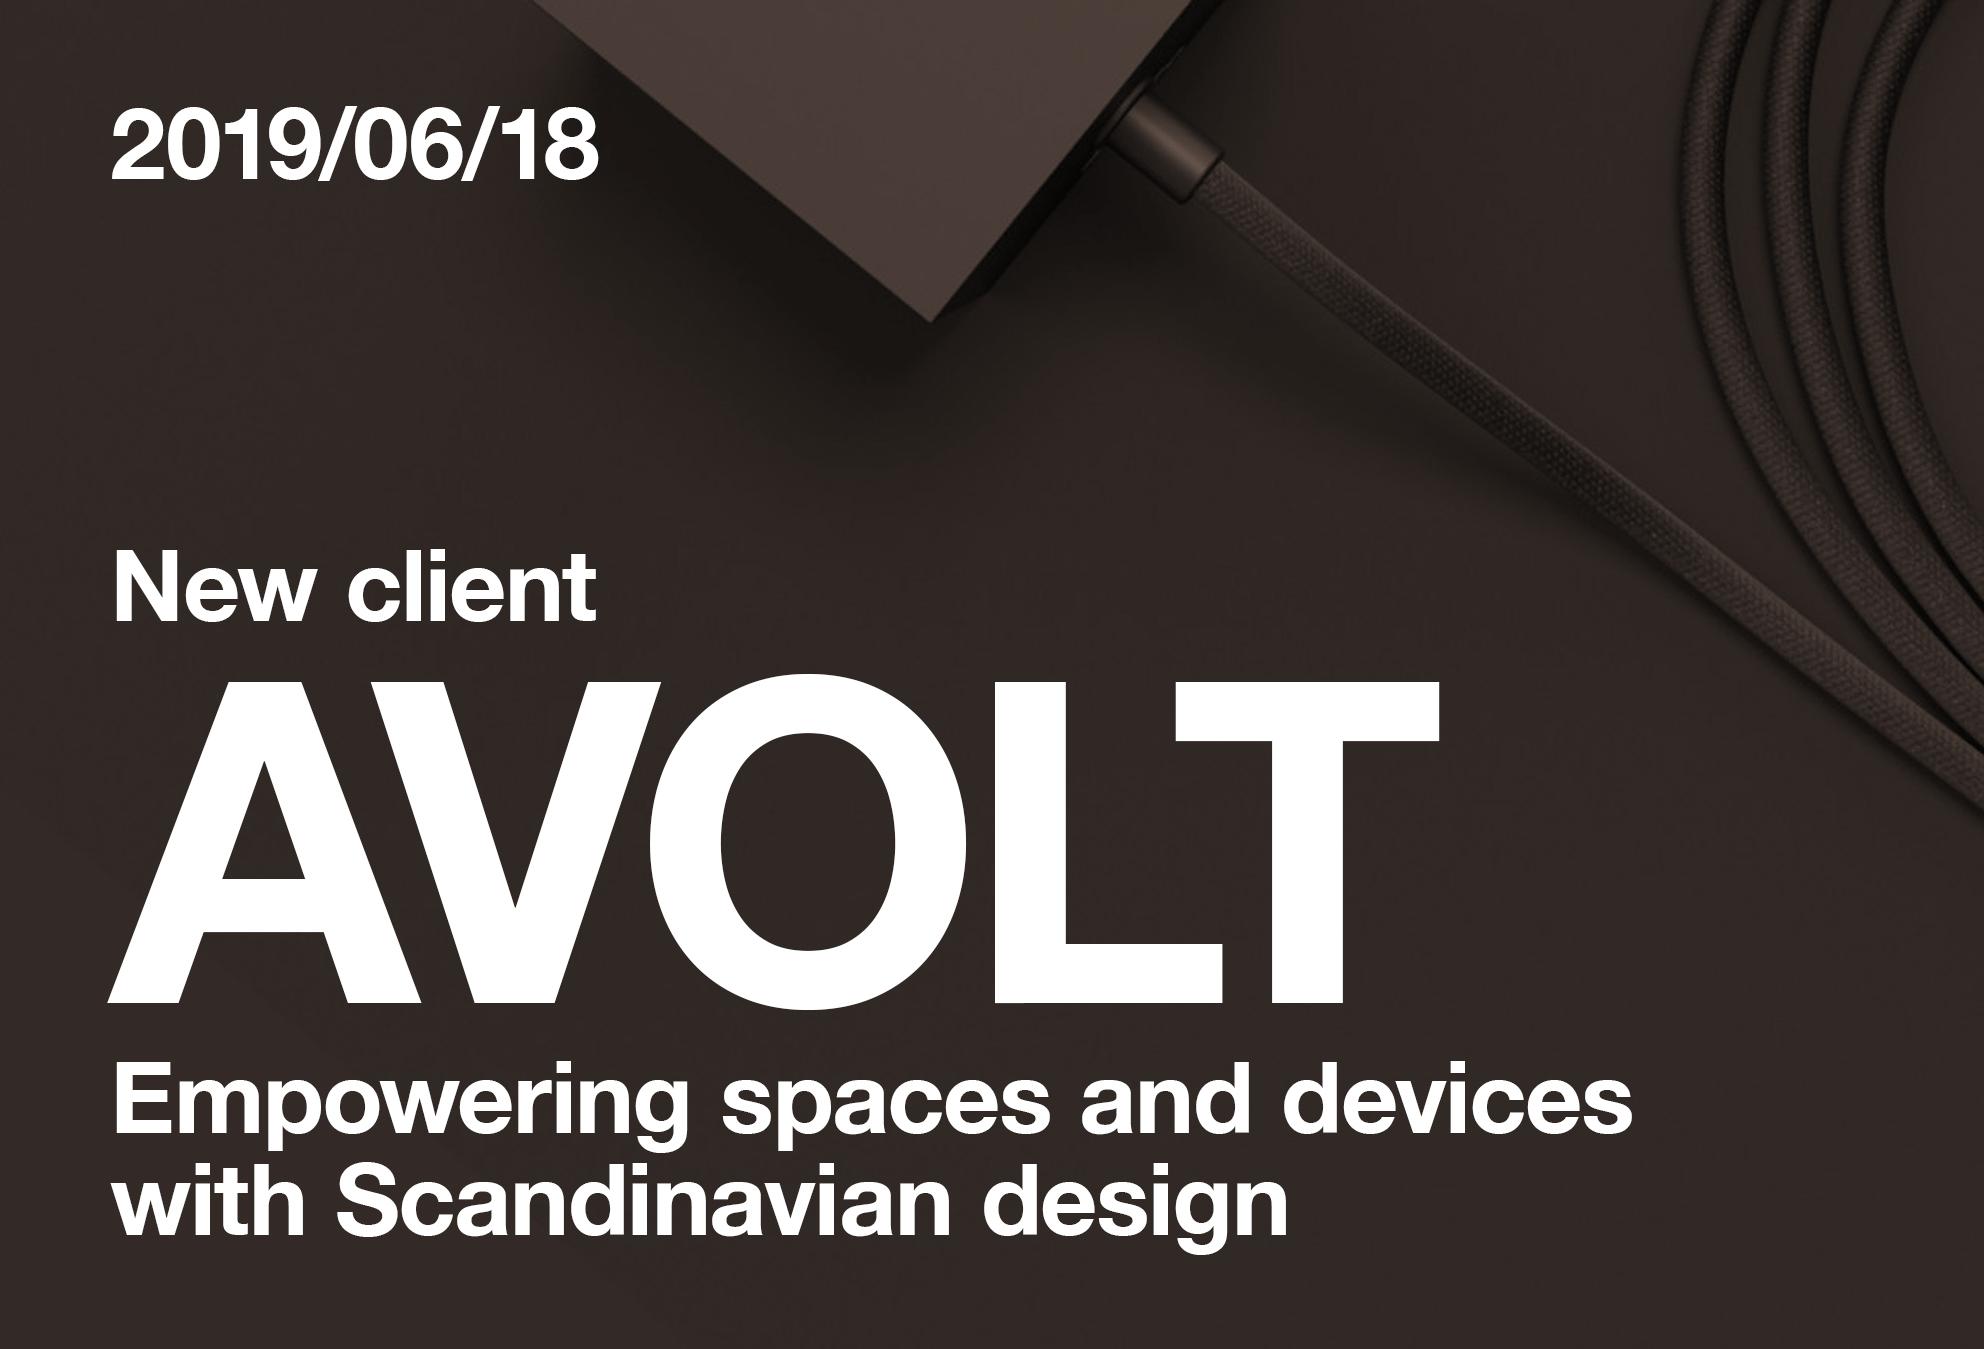 Avolt_news_2.jpg